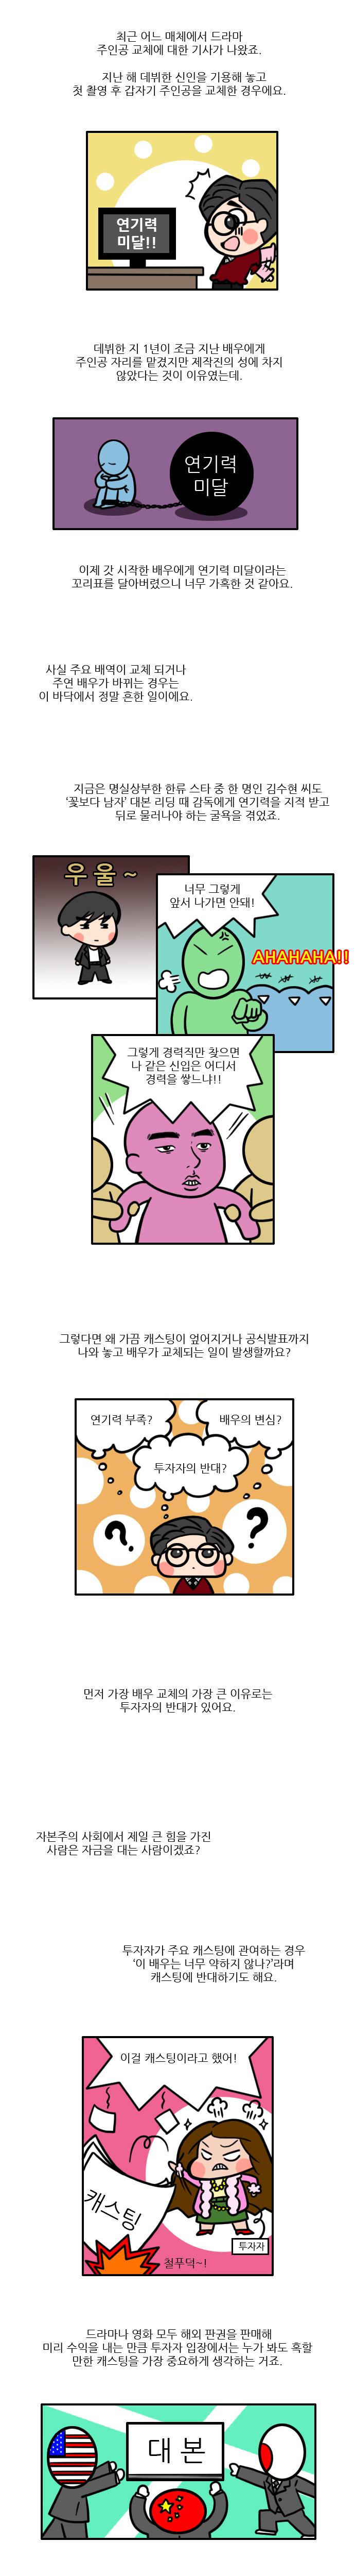 [스타툰]9화. 축구 경기도 아니고.. 그 배우는 왜 교체됐나?